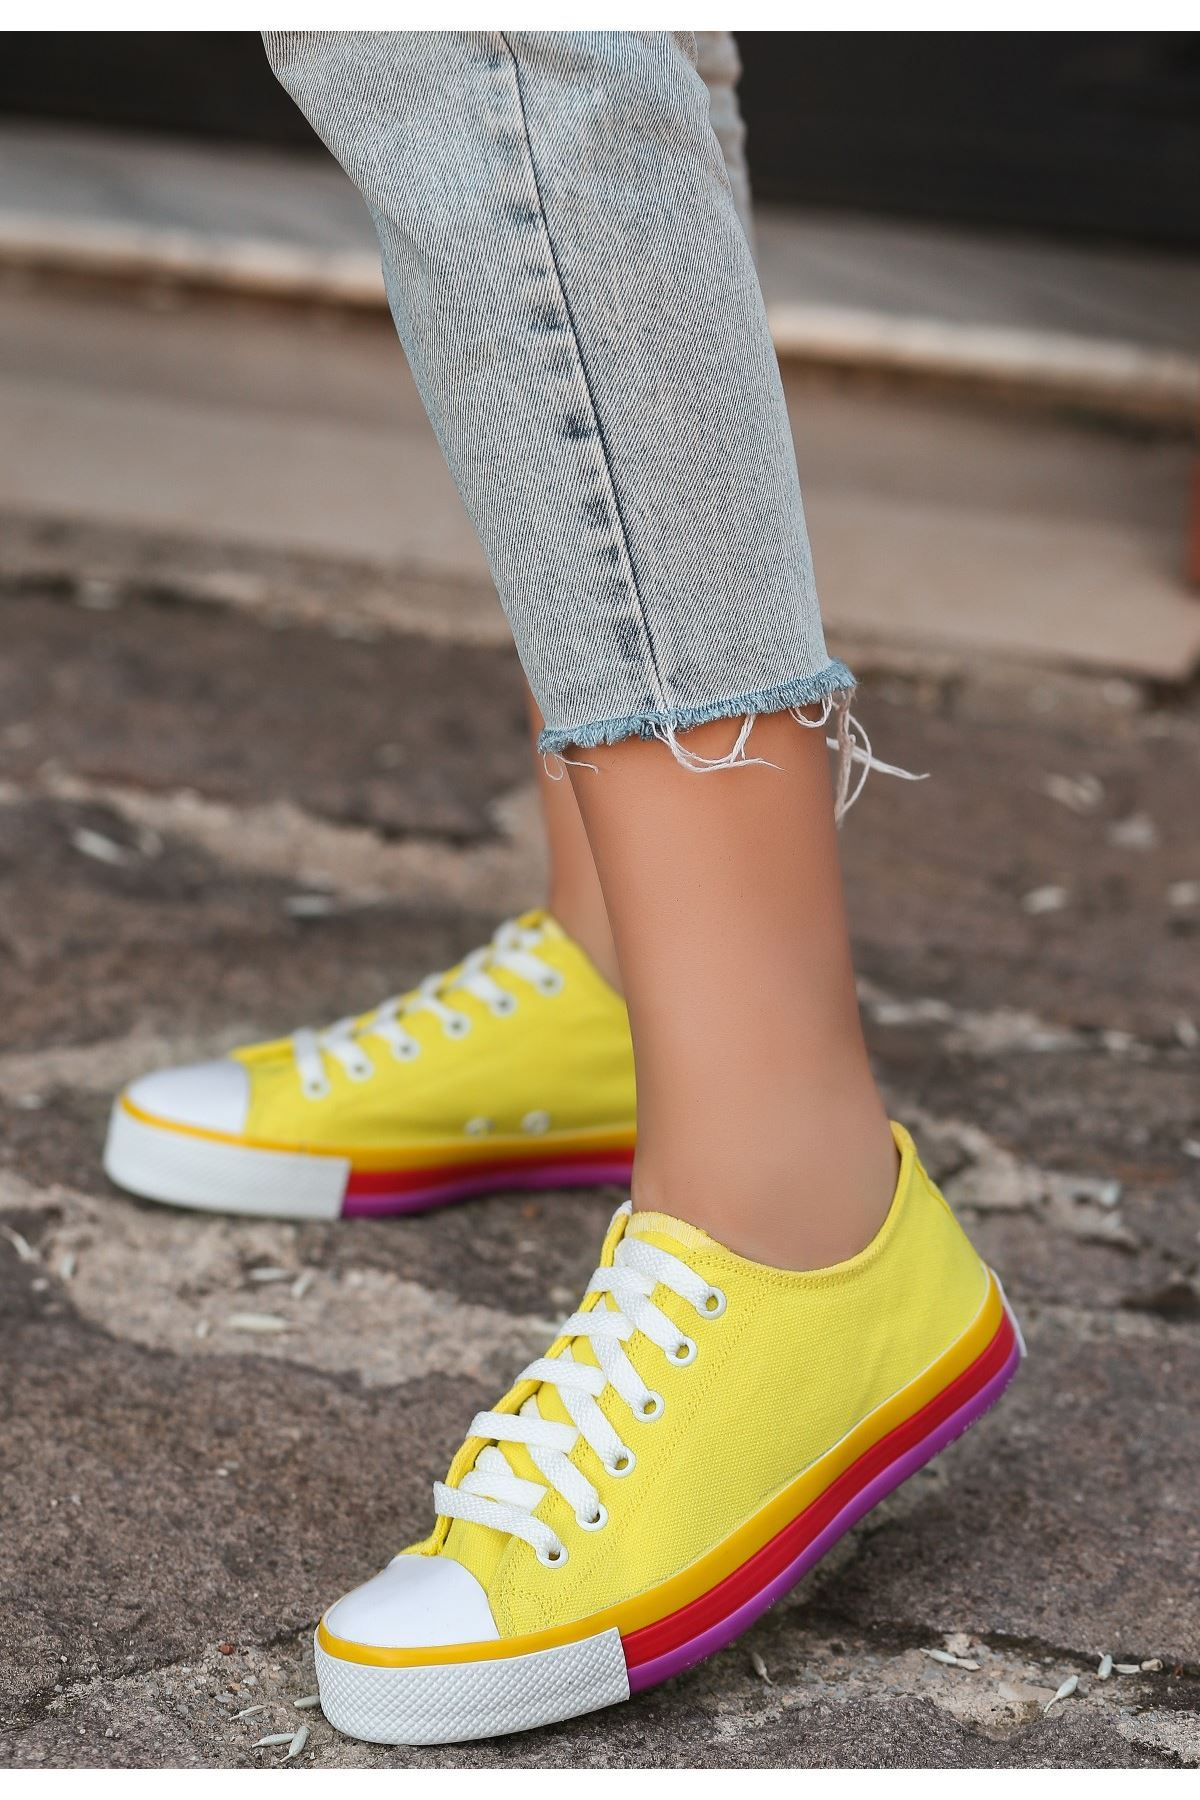 Momi Sarı Keten Spor Ayakkabı